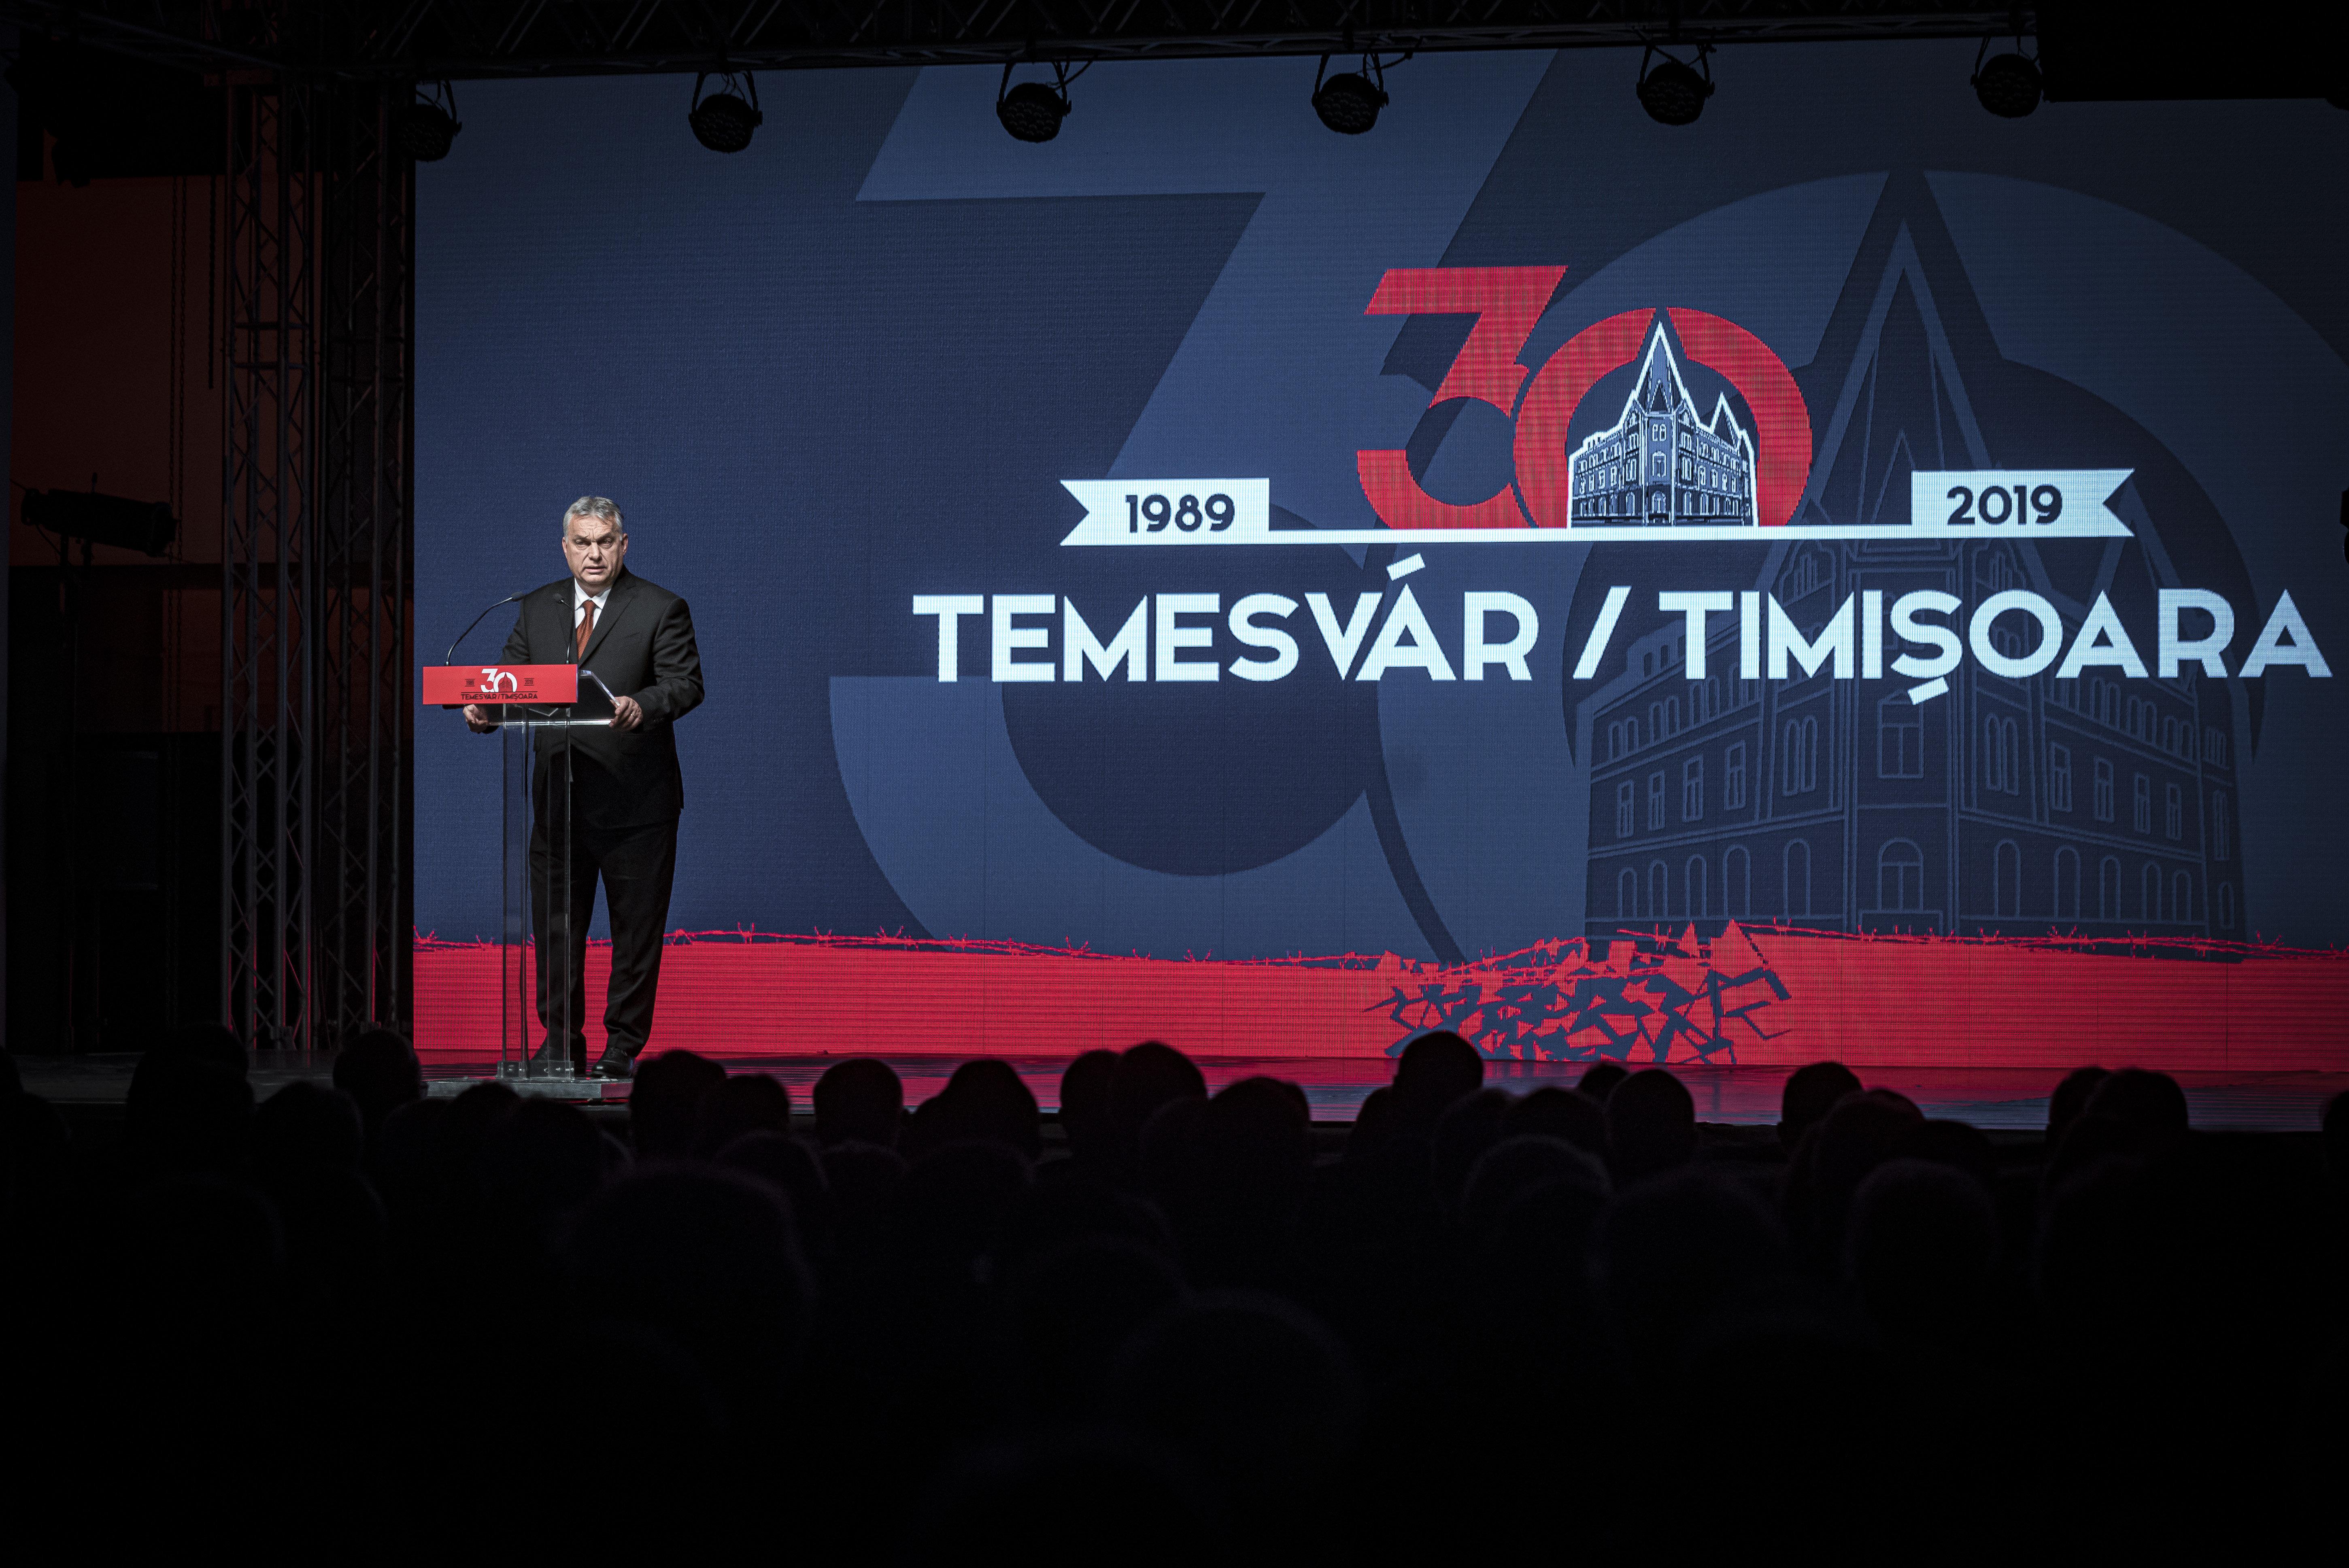 """Orbán in Temesvár: """"Wir sind bereit, ein neues Mitteleuropa aufzubauen"""" post's picture"""